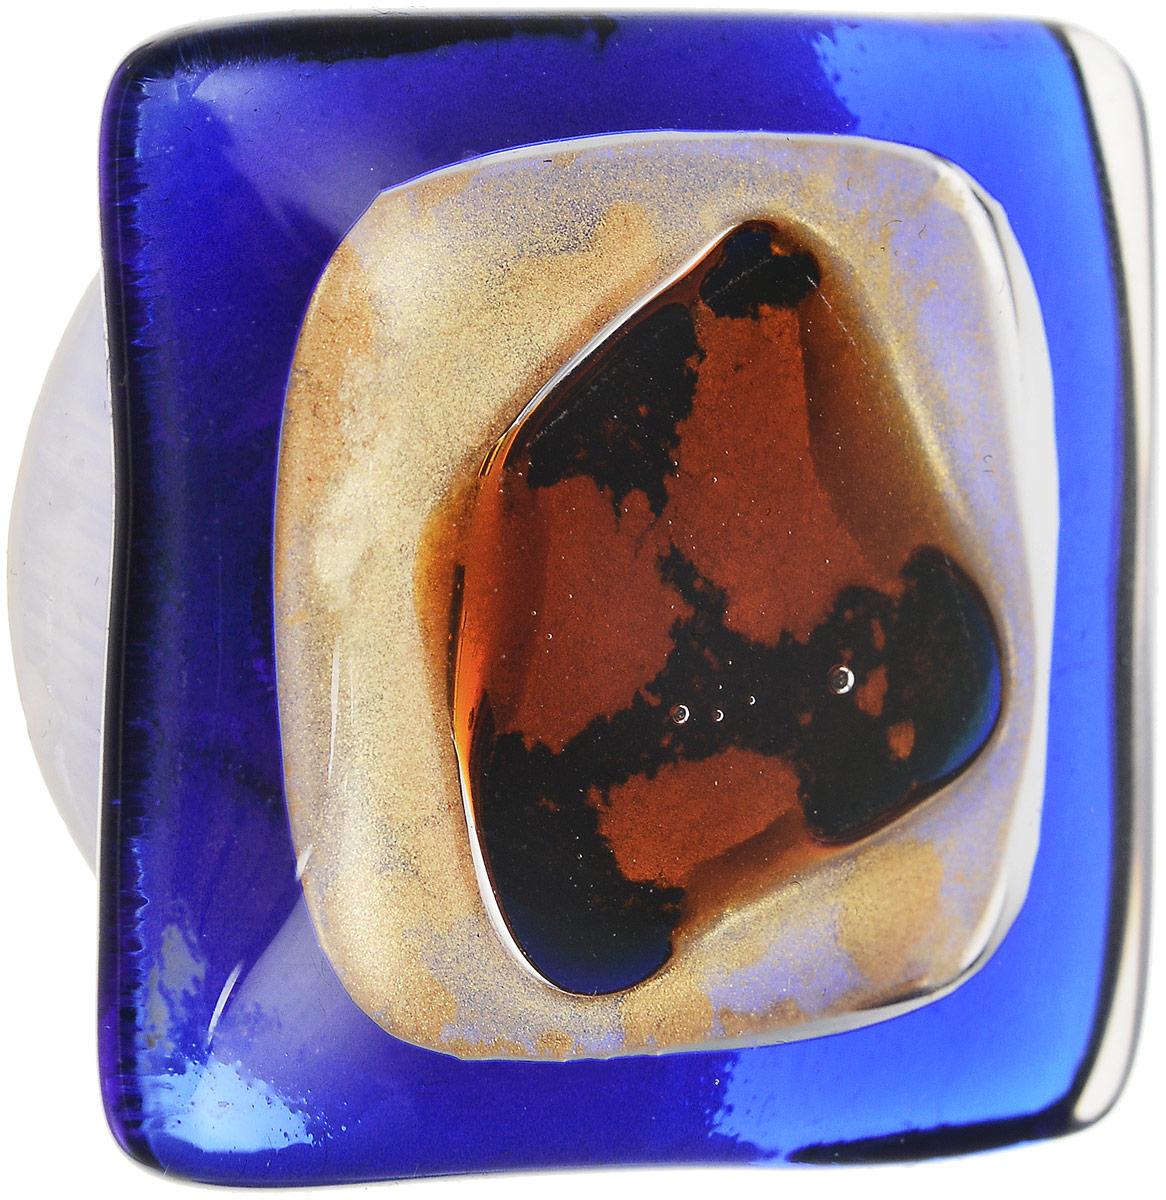 Брошь Сотворение мира. Муранское стекло, магнит, ручная работа. Murano, Италия (Венеция)ОС30814Брошь Сотворение мира. Муранское стекло, магнит, ручная работа. Murano, Италия (Венеция). Размер - 3 х 3 см. Тип крепления - магнит. Брошь можно носить на одежде, шляпе, рюкзаке или сумке. Каждое изделие из муранского стекла уникально и может незначительно отличаться от того, что вы видите на фотографии.